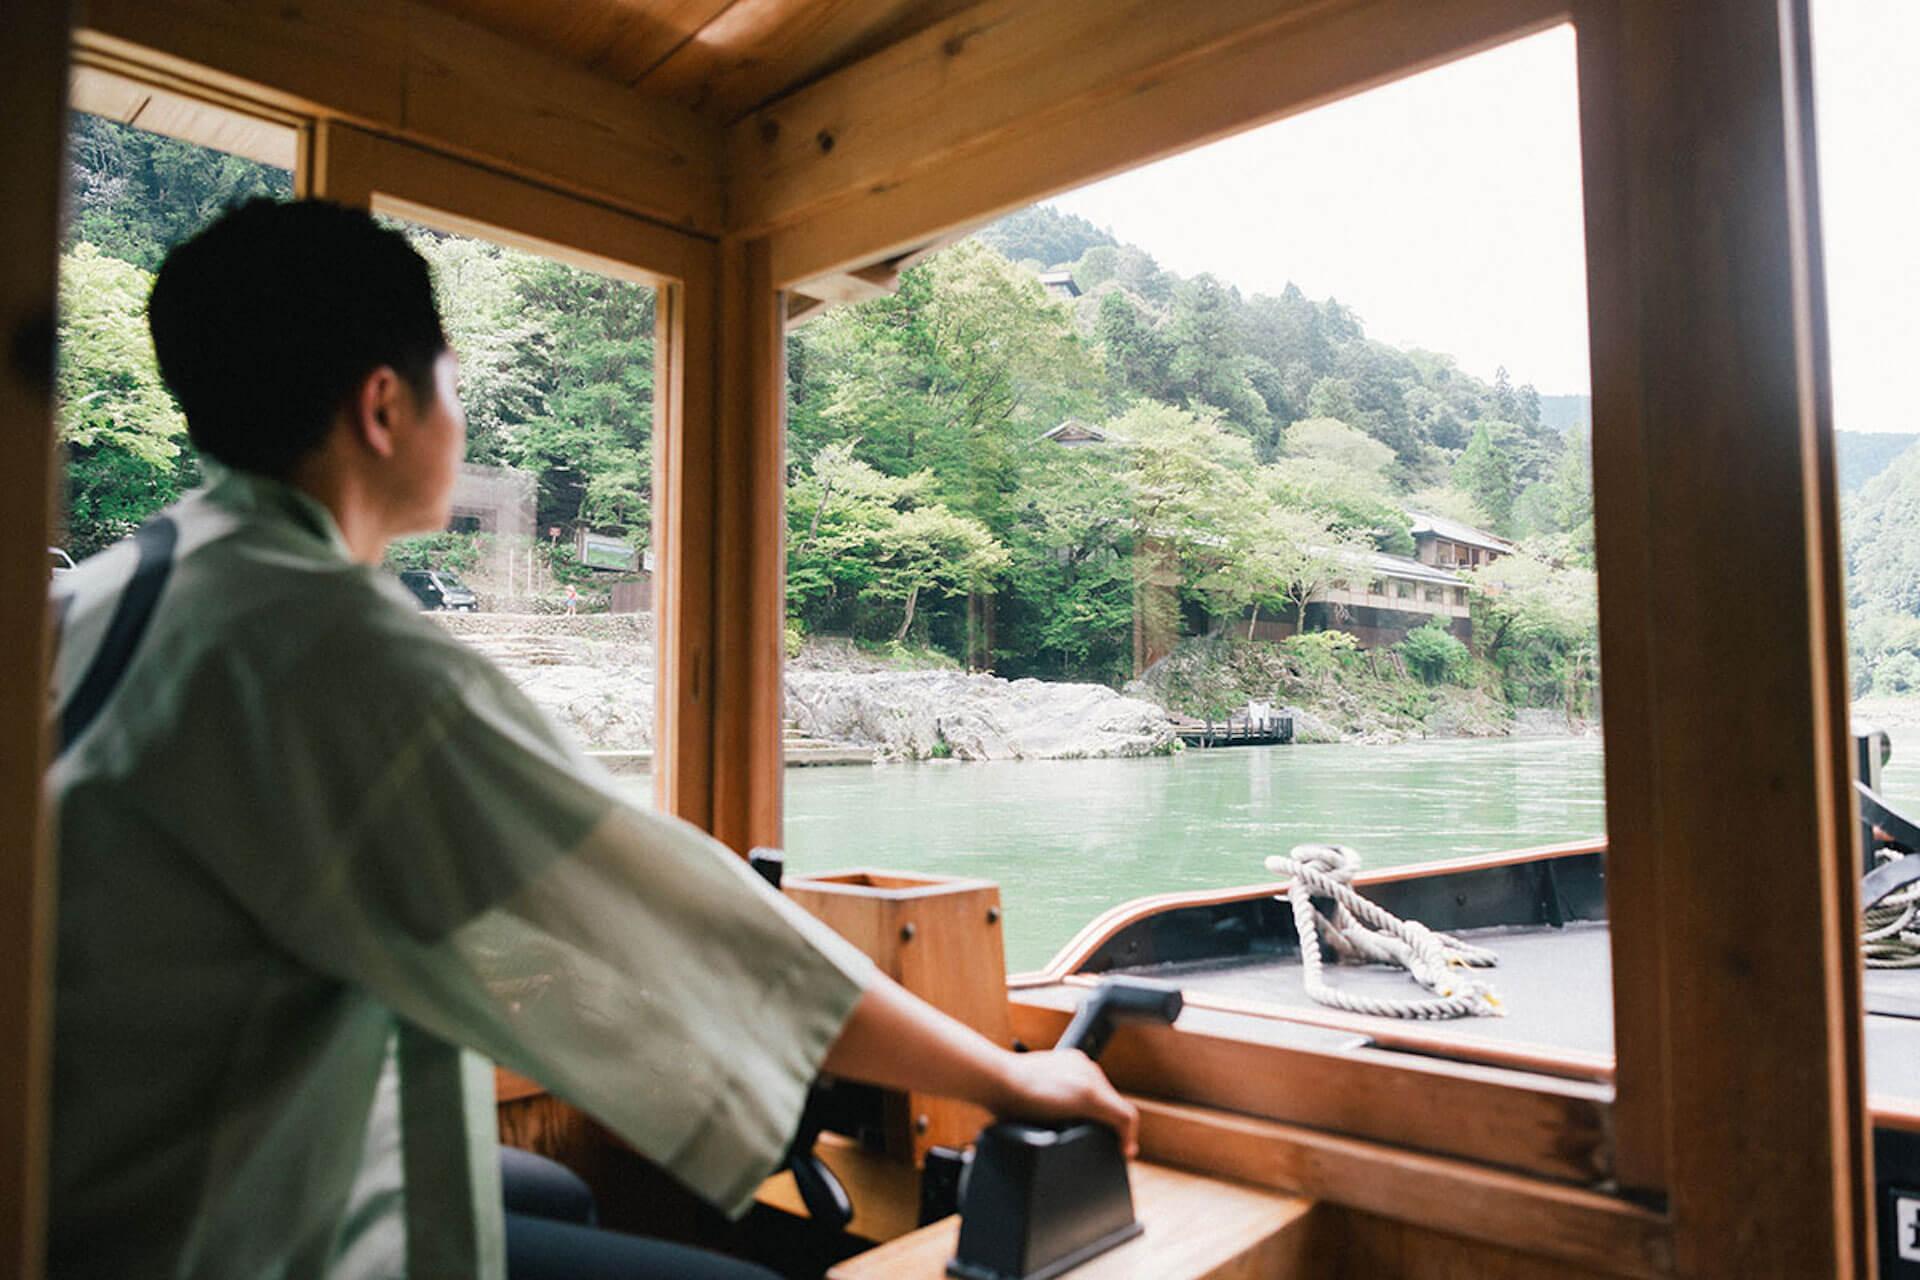 京都・嵐山から舟で非日常へトリップ! 水辺のラグジュアリーホテル『星のや京都』で極上体験 6-1